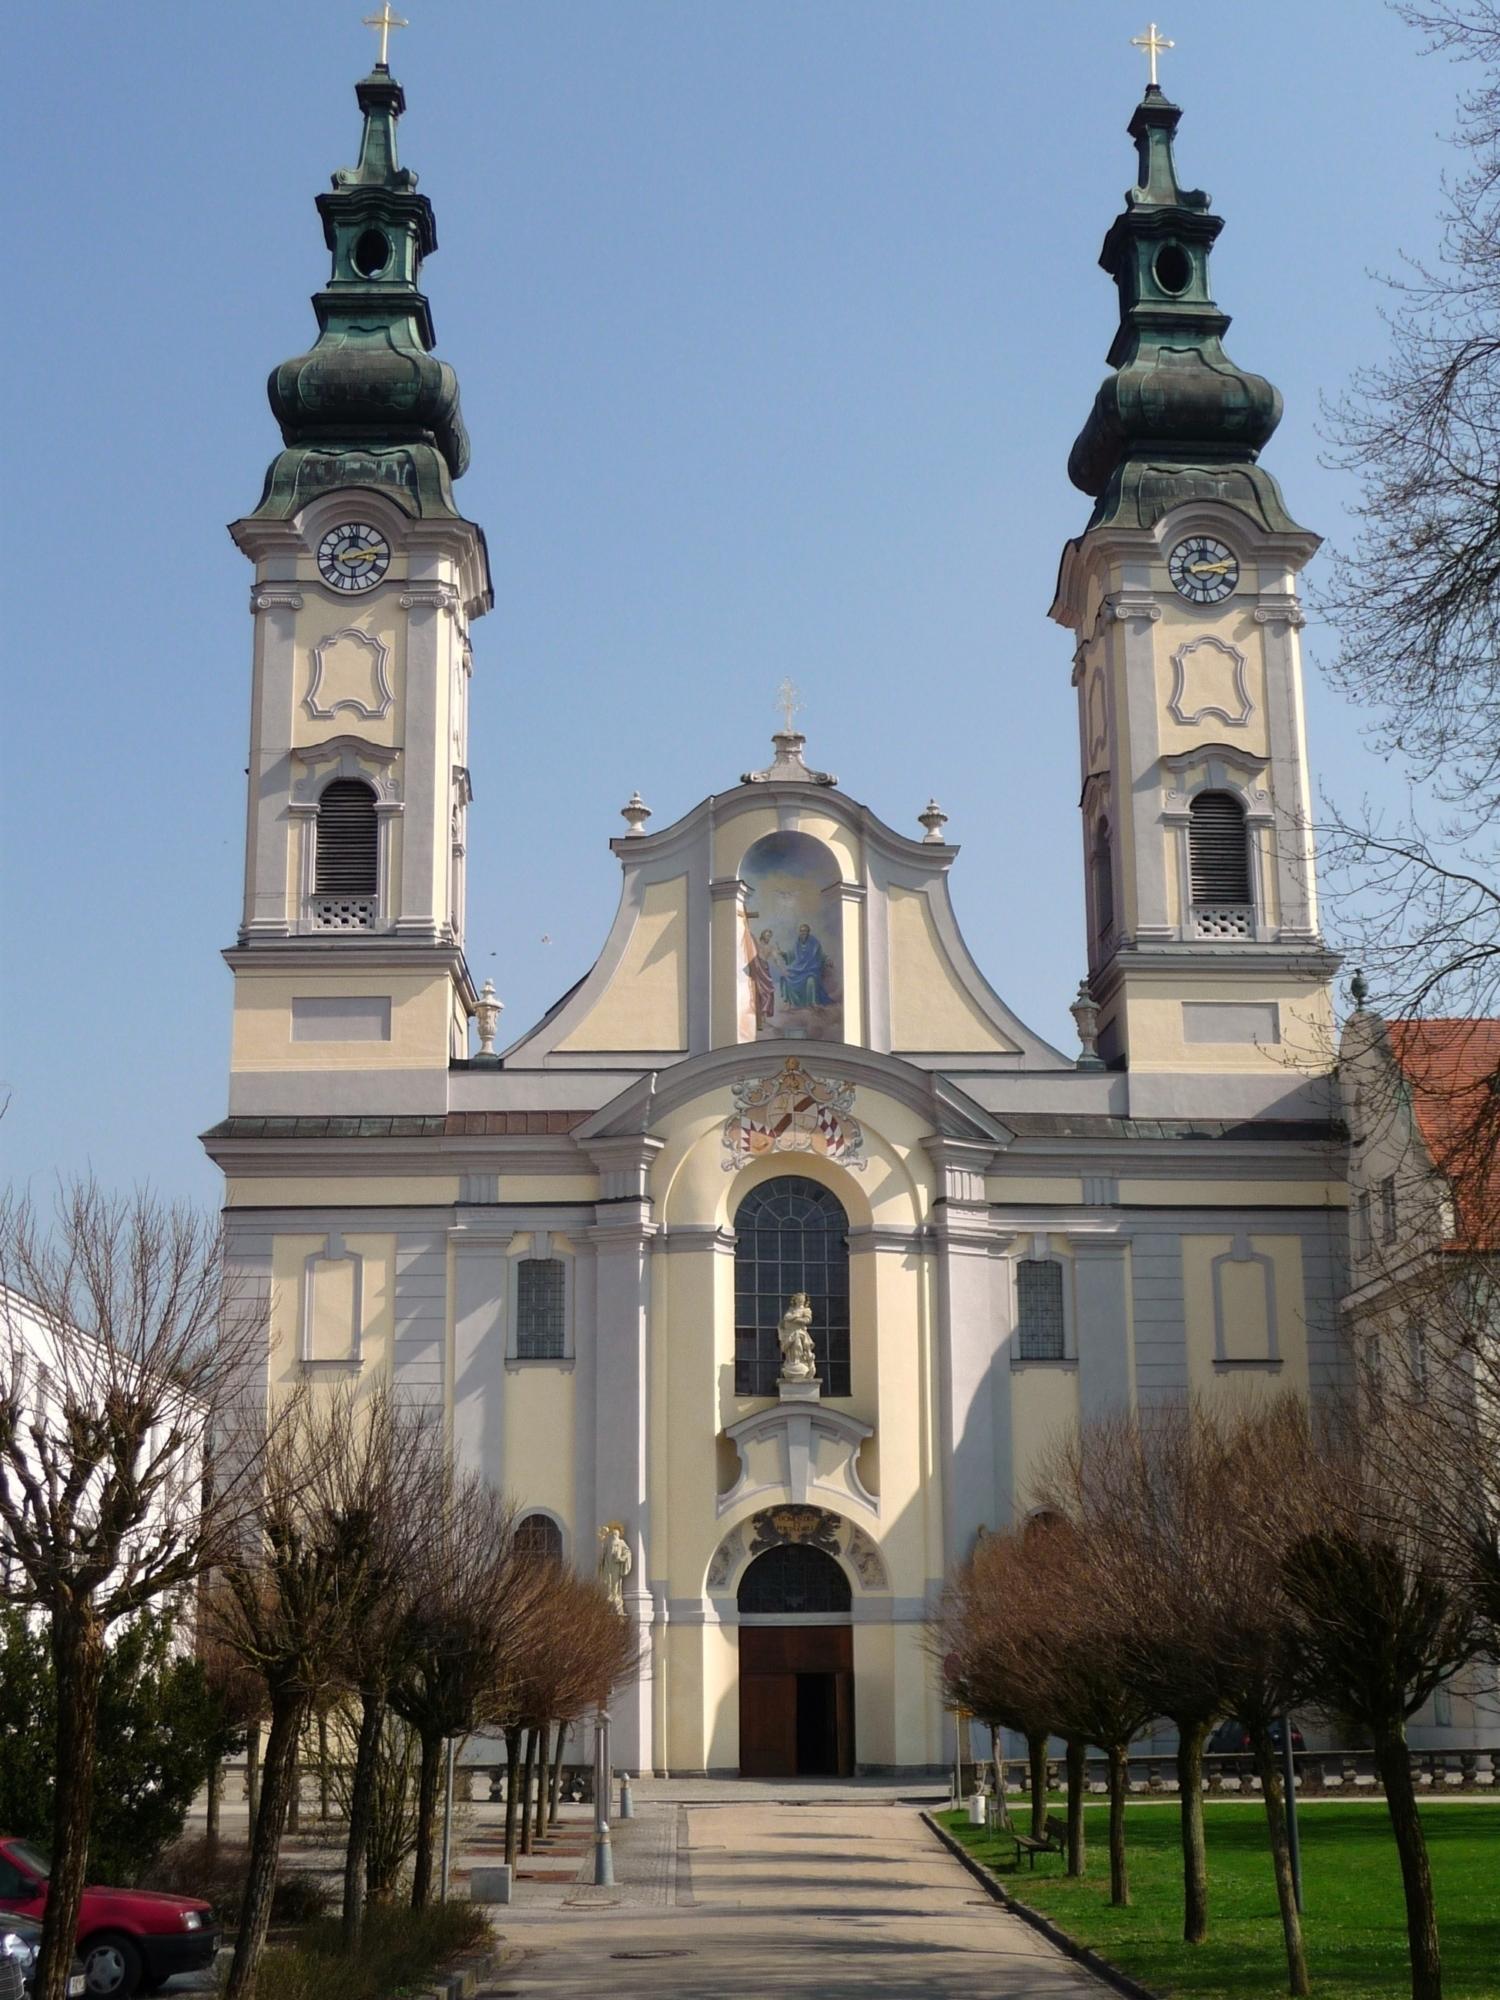 Klosterkirche FC3 B Crstenzell 2